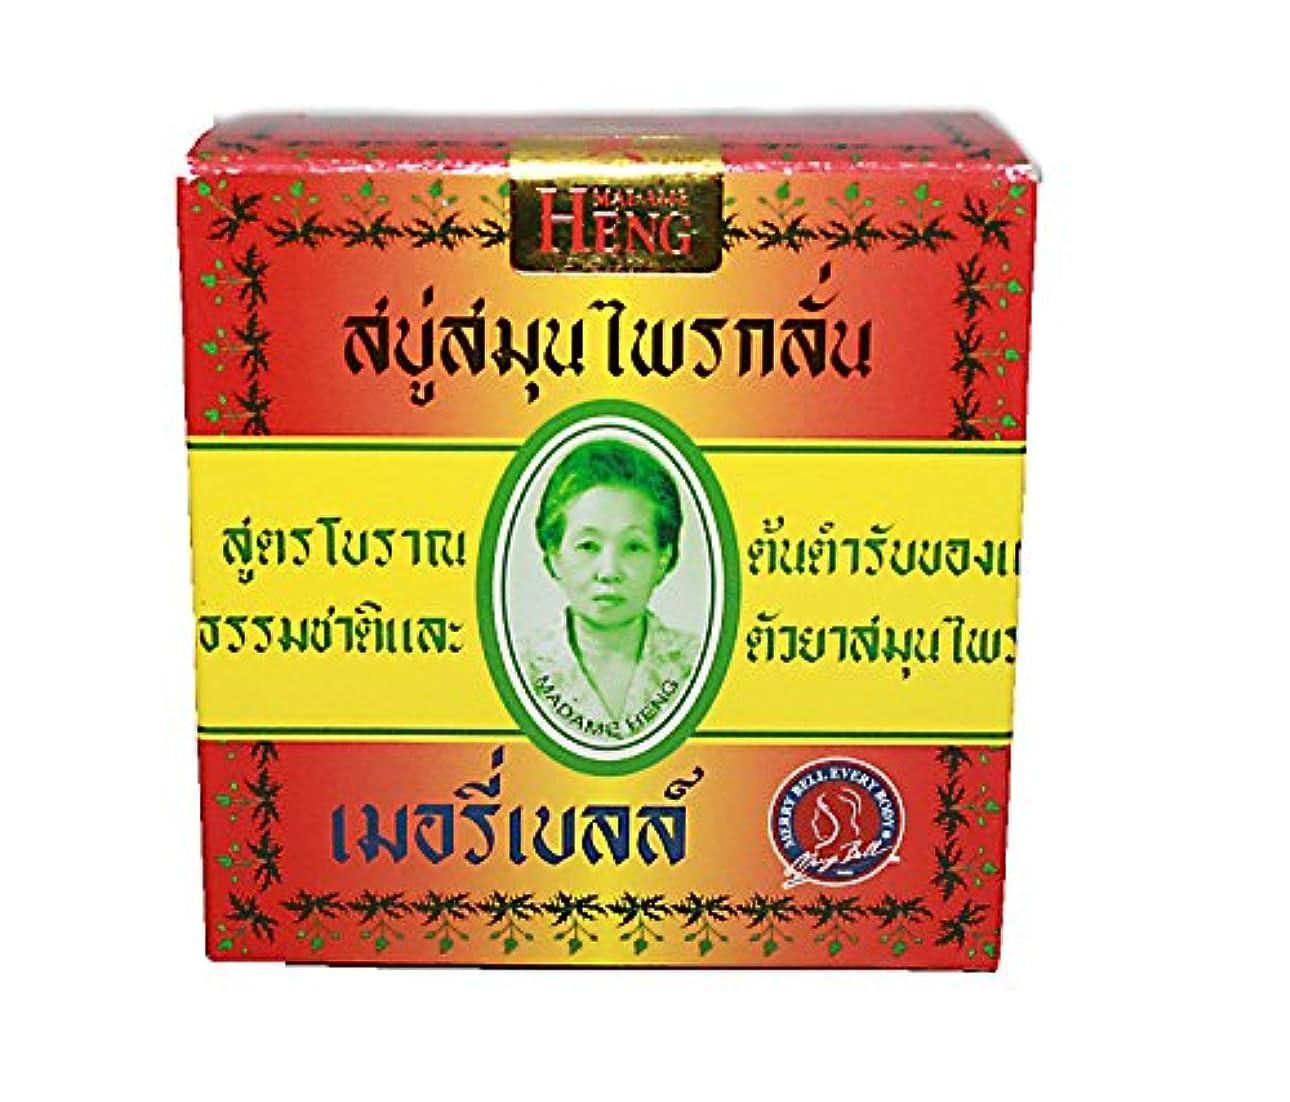 心から小麦め言葉MADAME HENG NATURAL SOAP BAR MERRY BELL ORIGINAL THAI (net wt 5.64 OZ.or 160g.) by onefeelgood shop